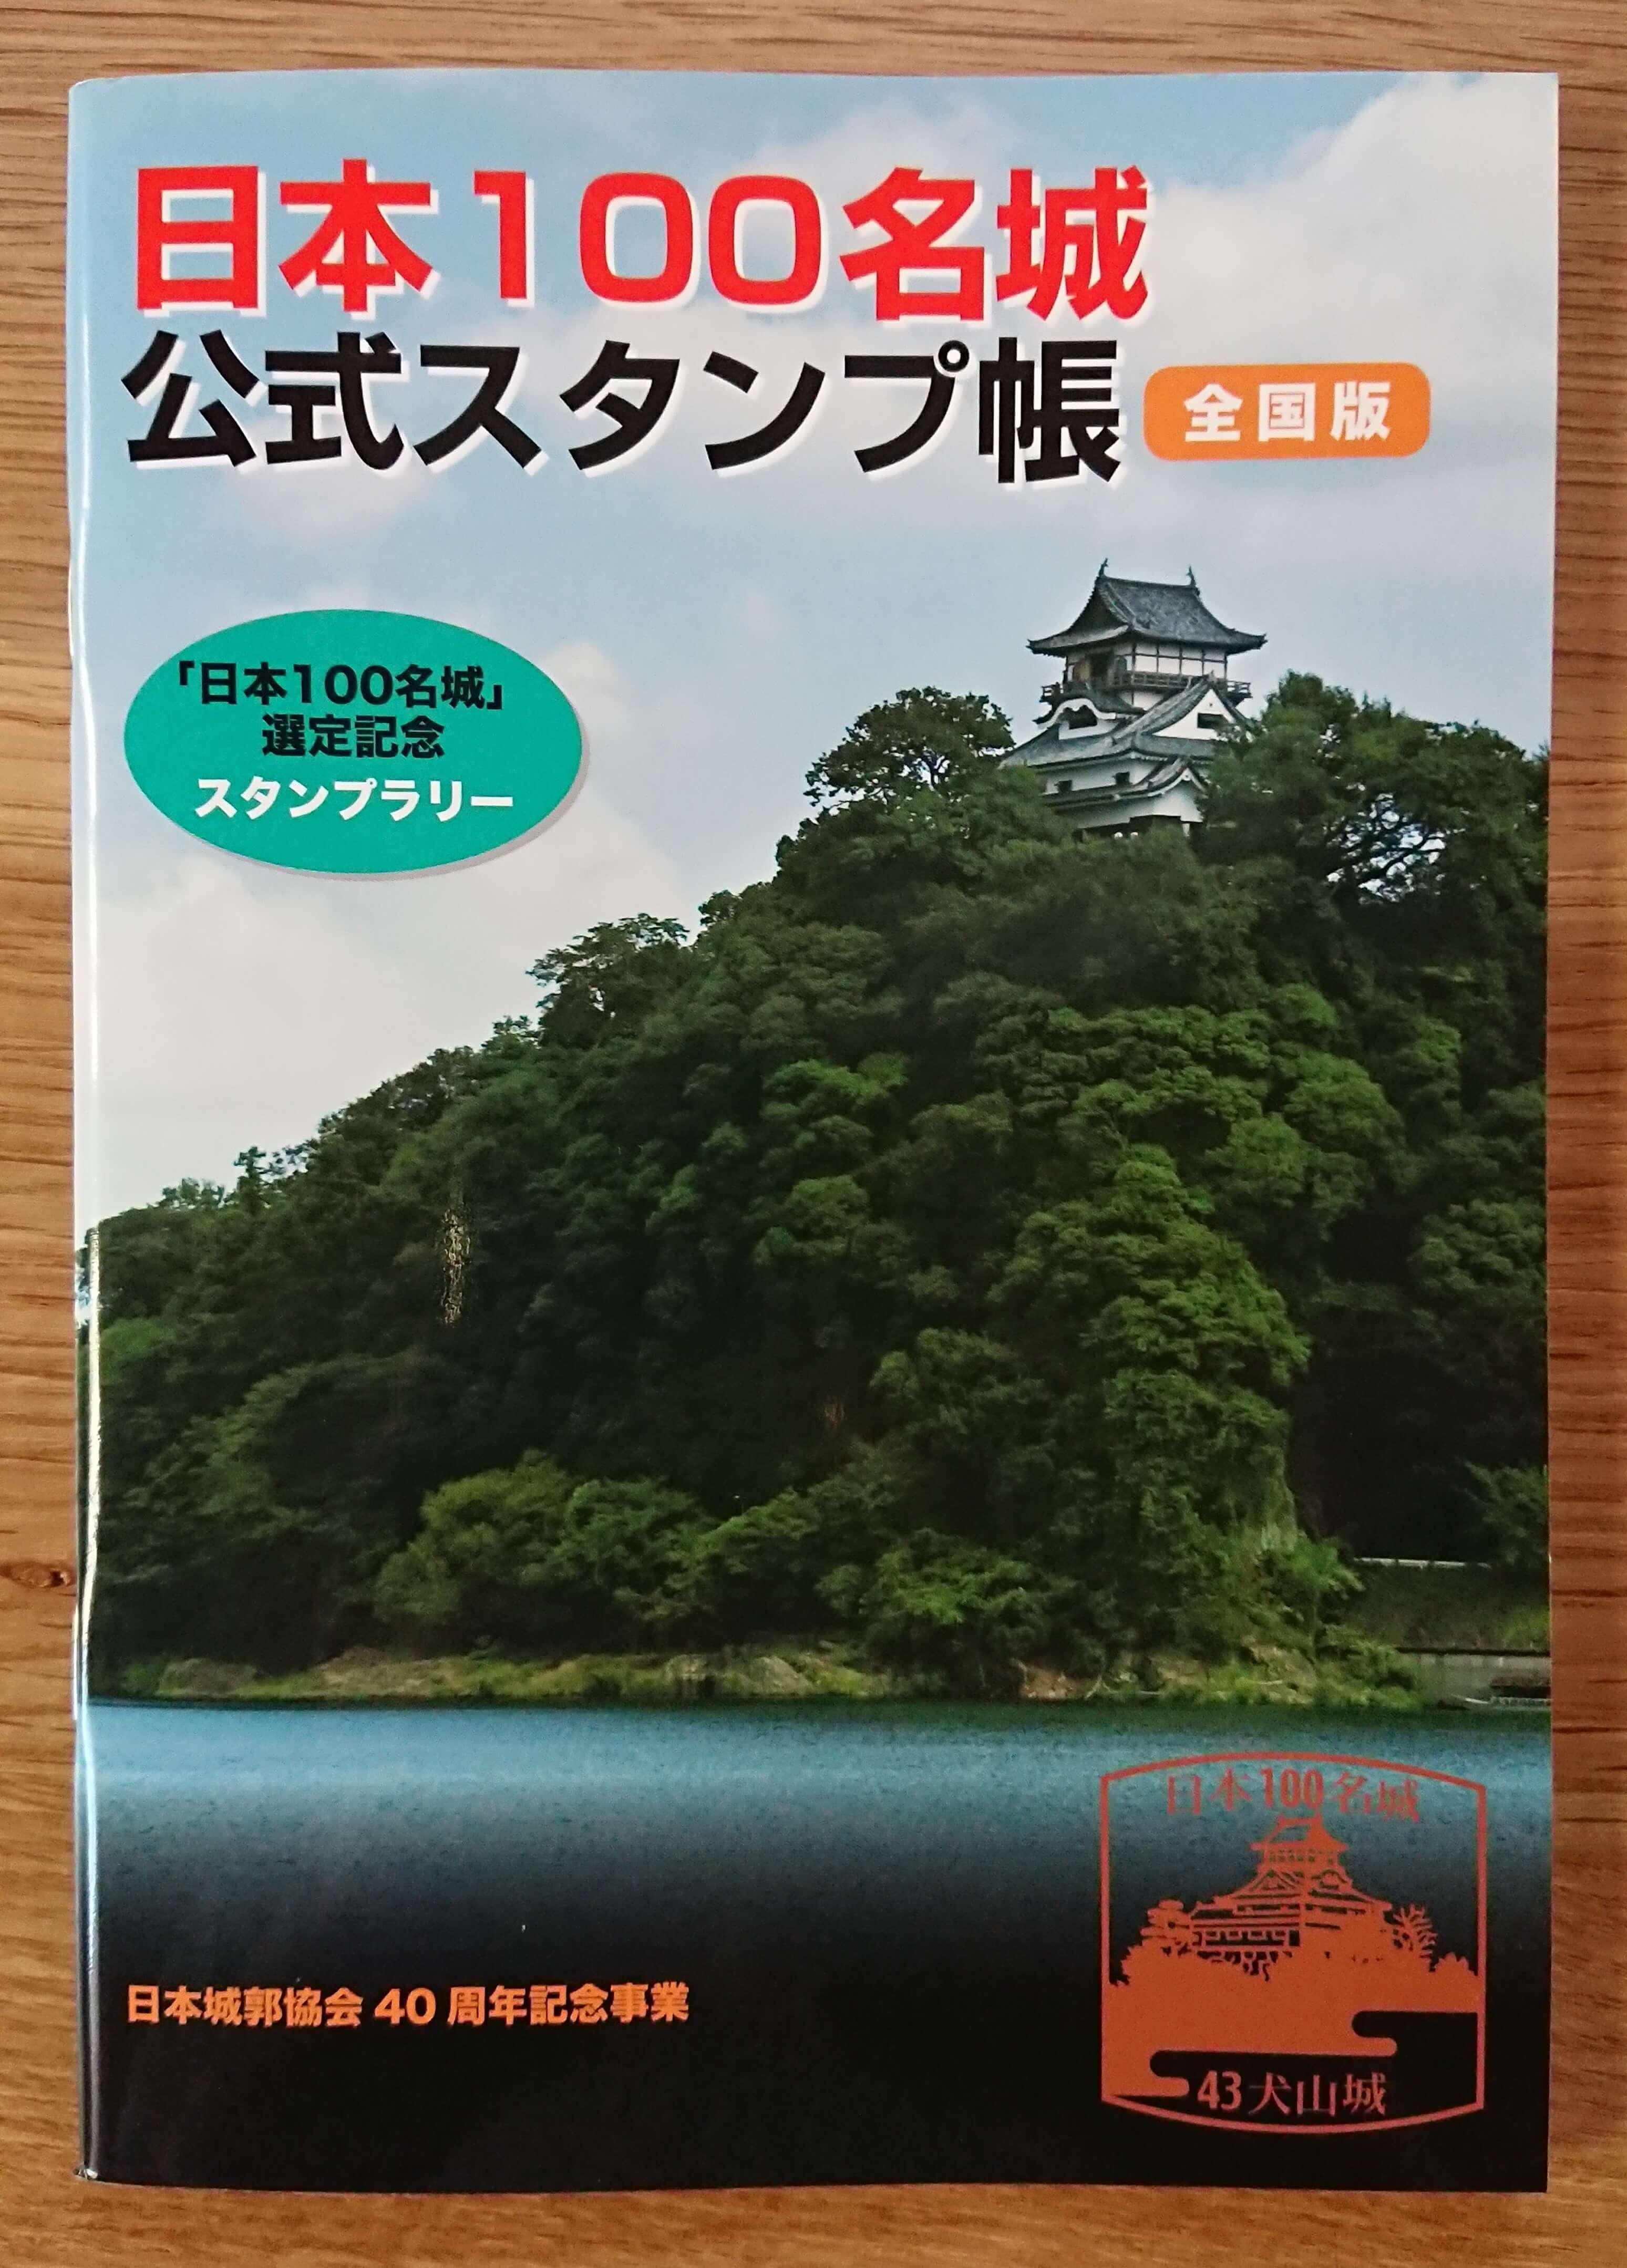 【レア情報】犬山城が表紙の日本100名城スタンプ帳がある!